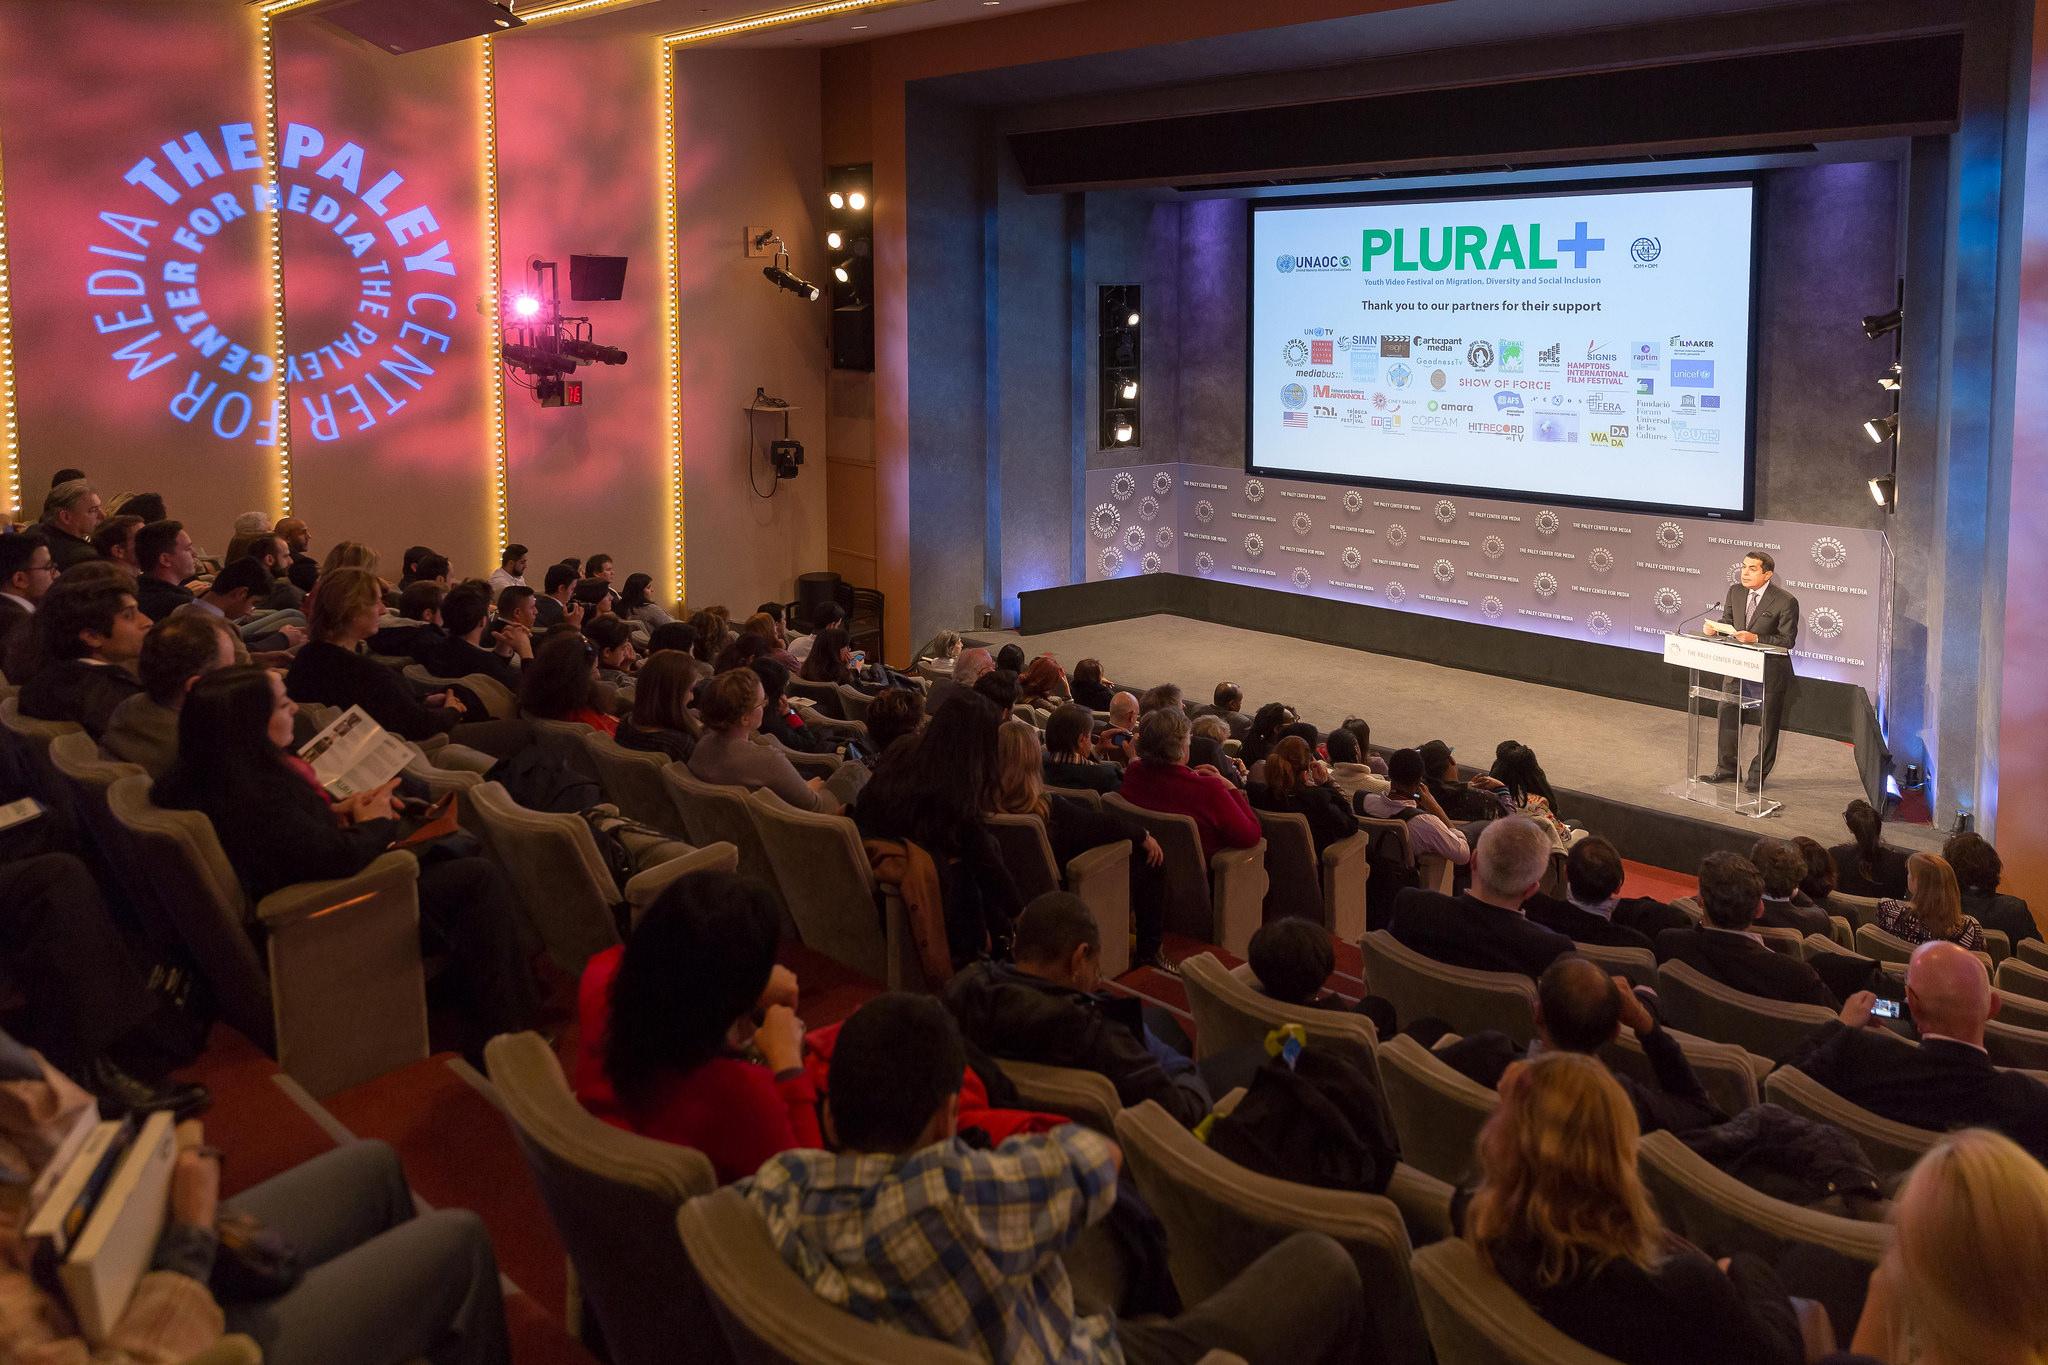 pluralplus